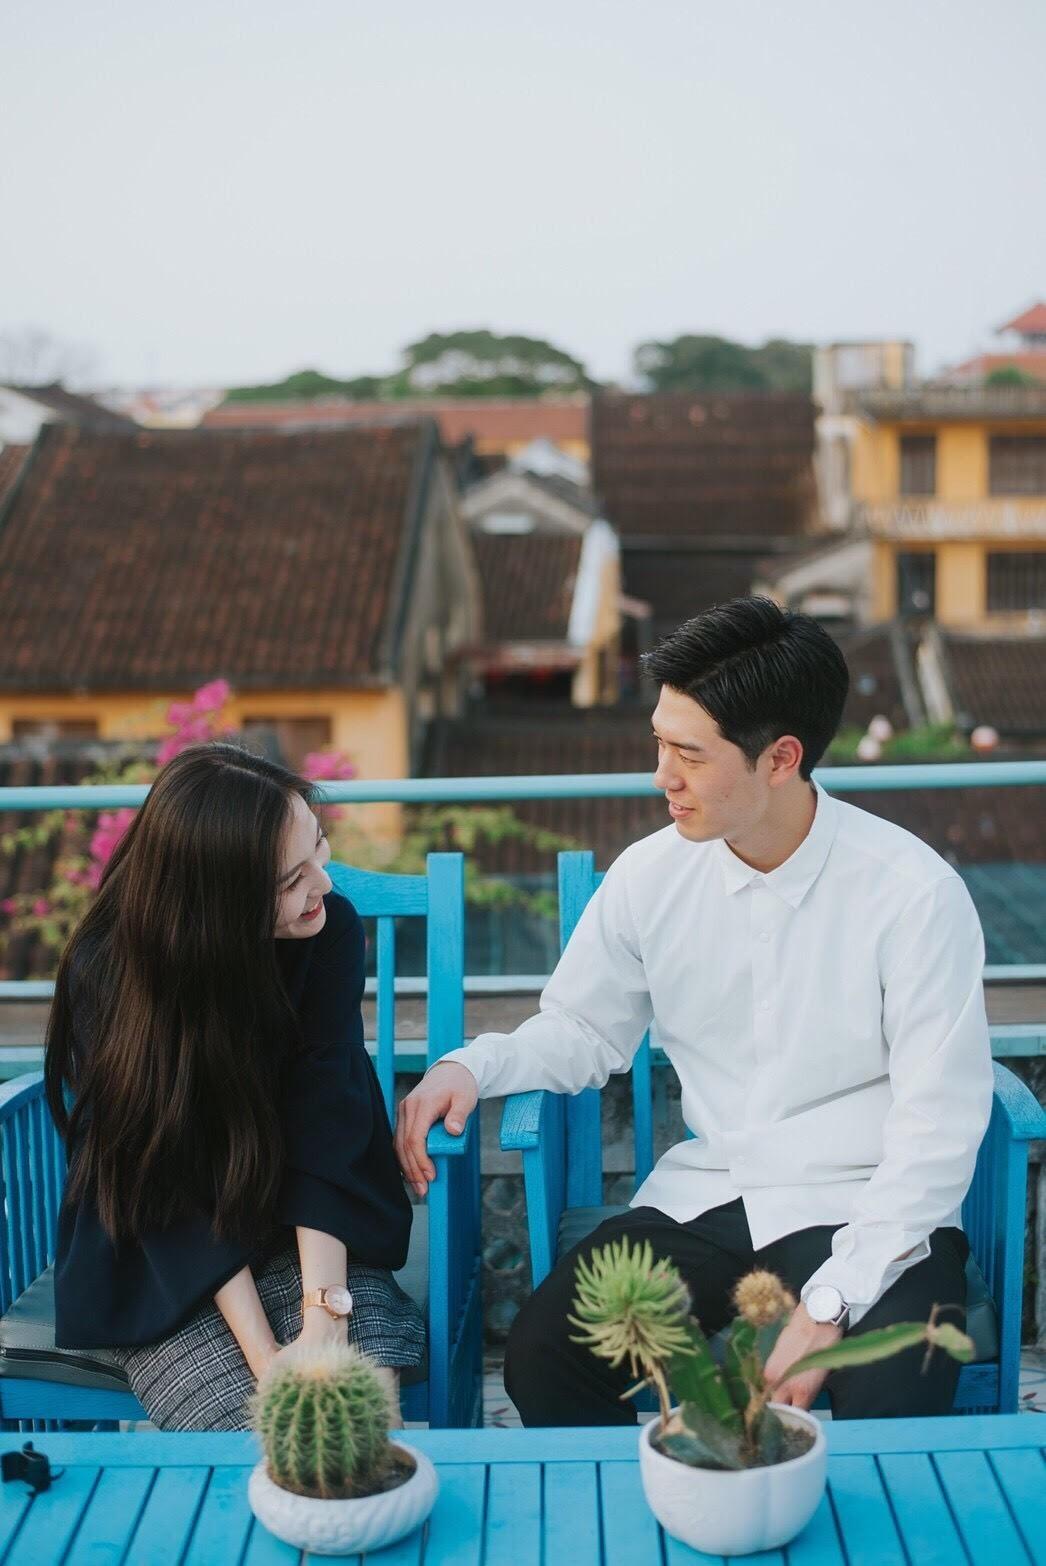 Chuyện tình nữ DHS Việt và chàng trai Nhật: Để mặt mộc, mặc đồ ngủ đi siêu thị bỗng gặp ngay tình đầu đẹp như phim - Ảnh 3.